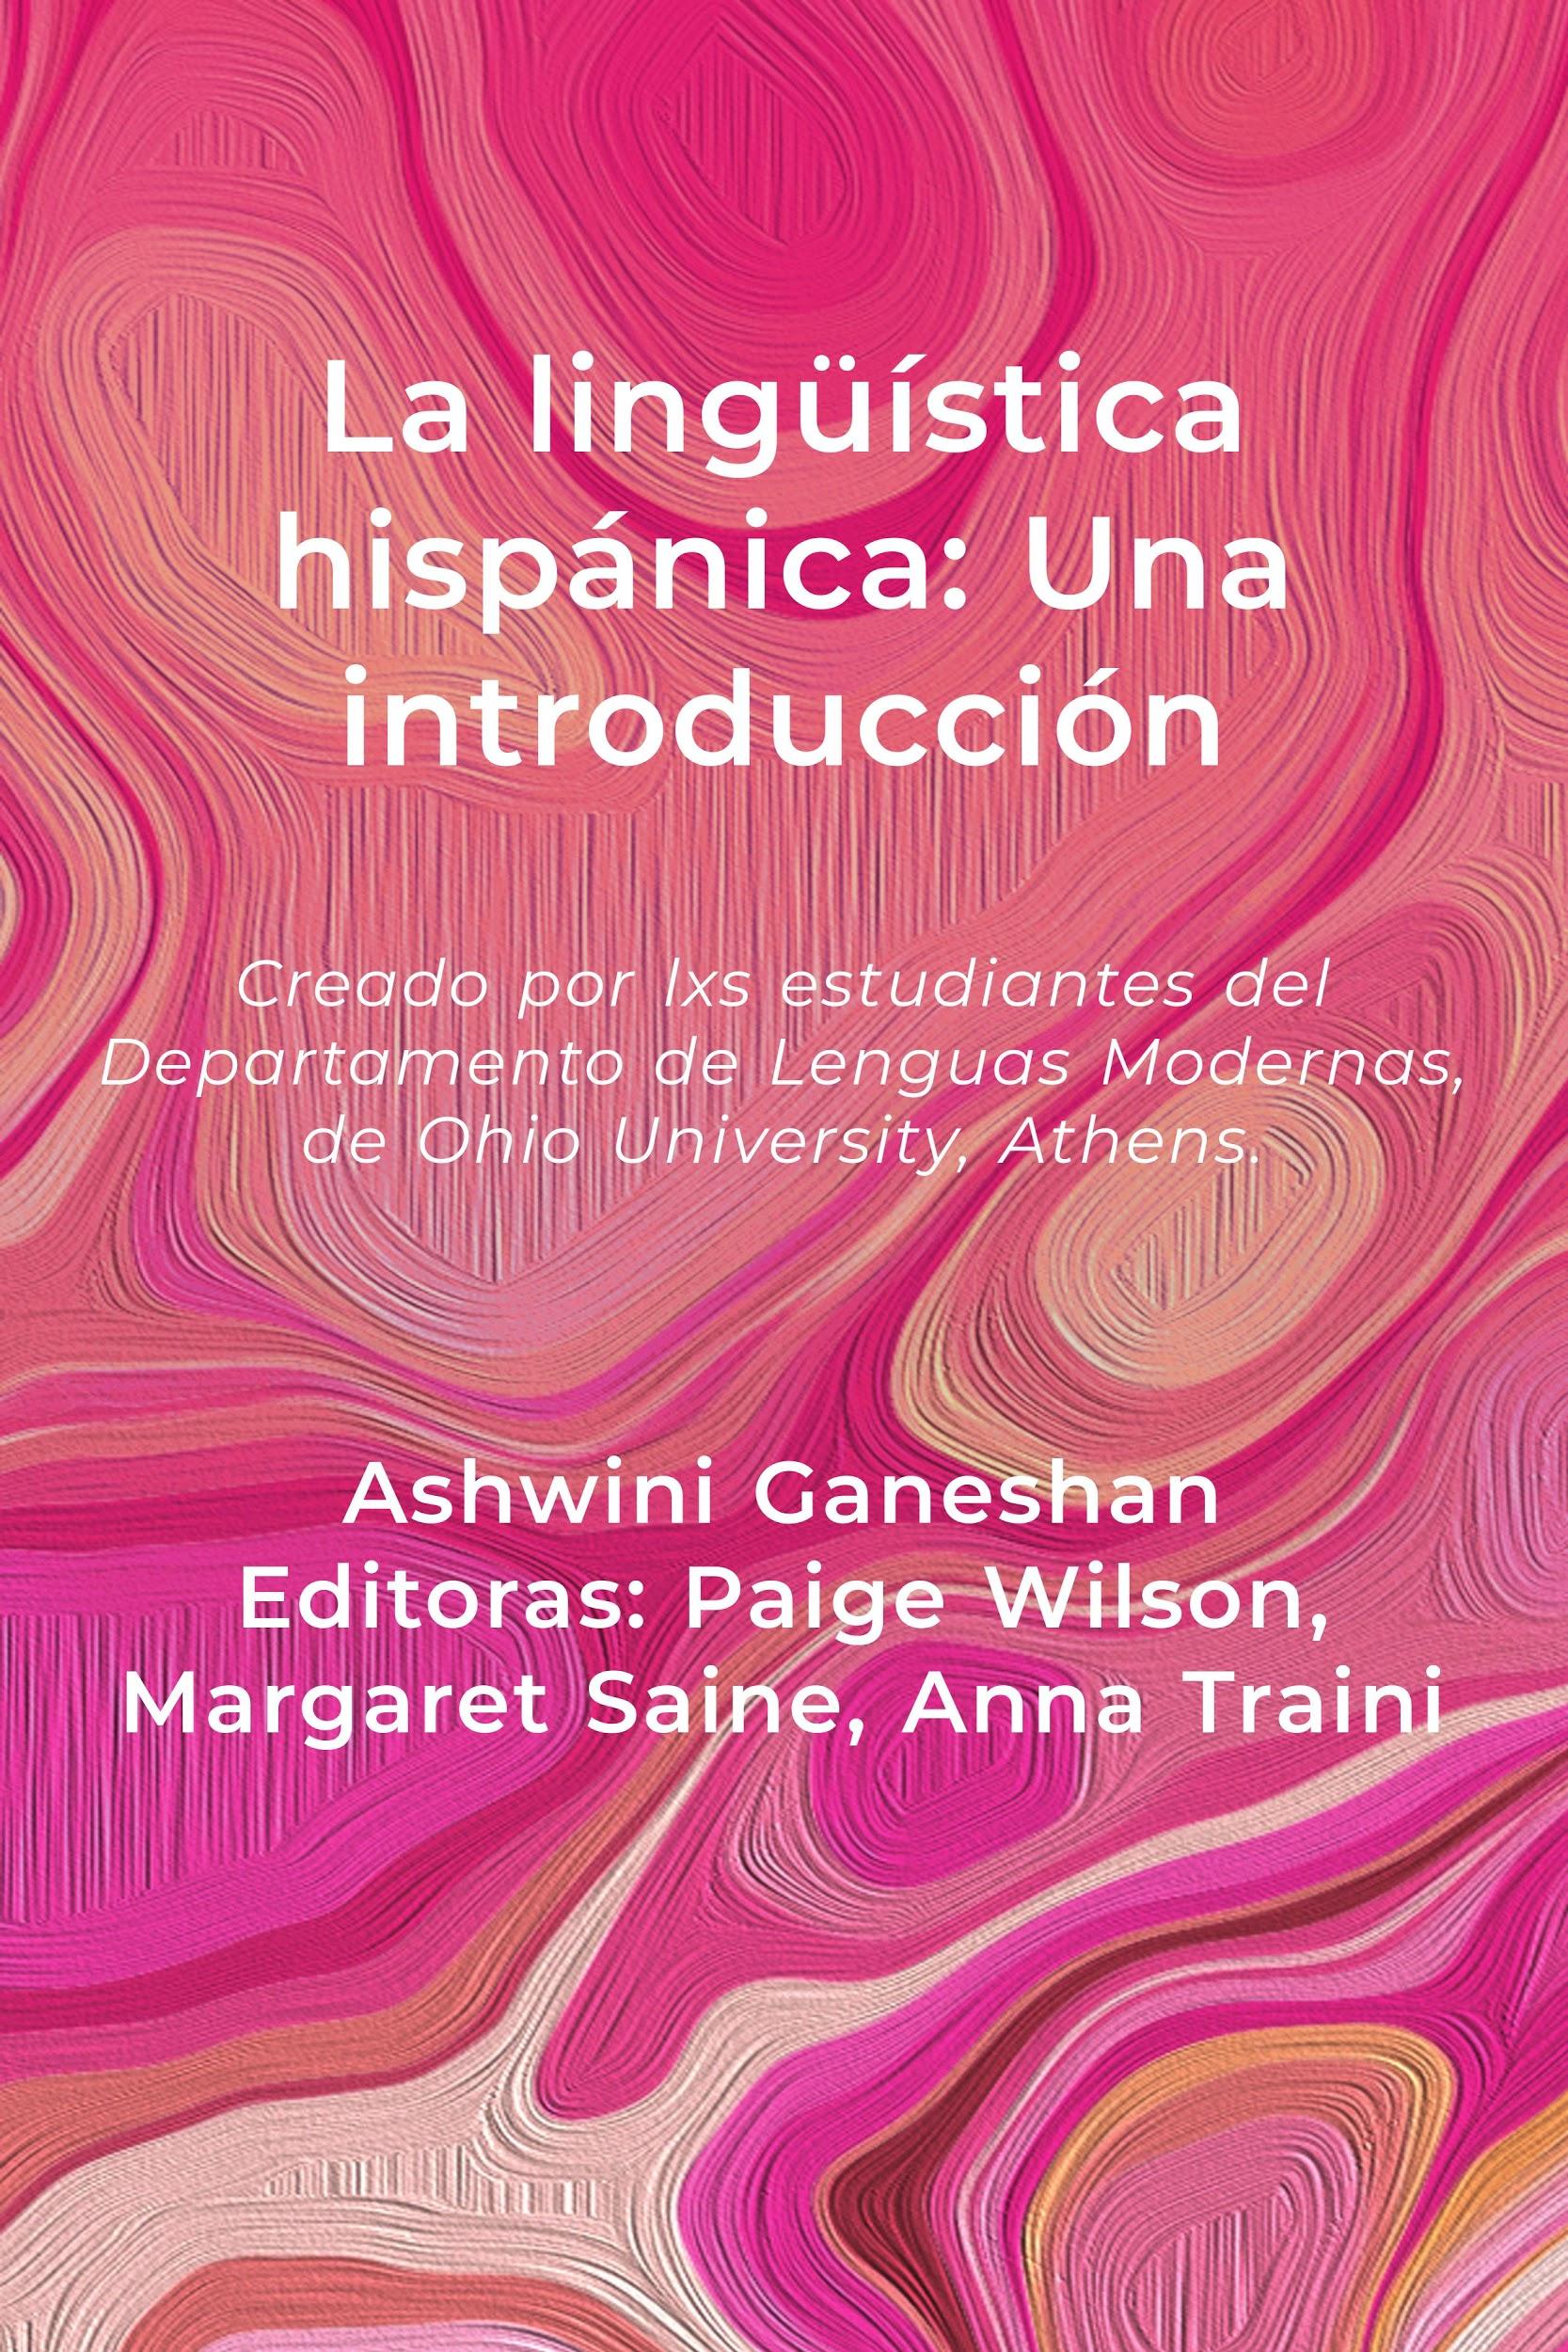 Book cover of La linguistica hispanica: una introduccion